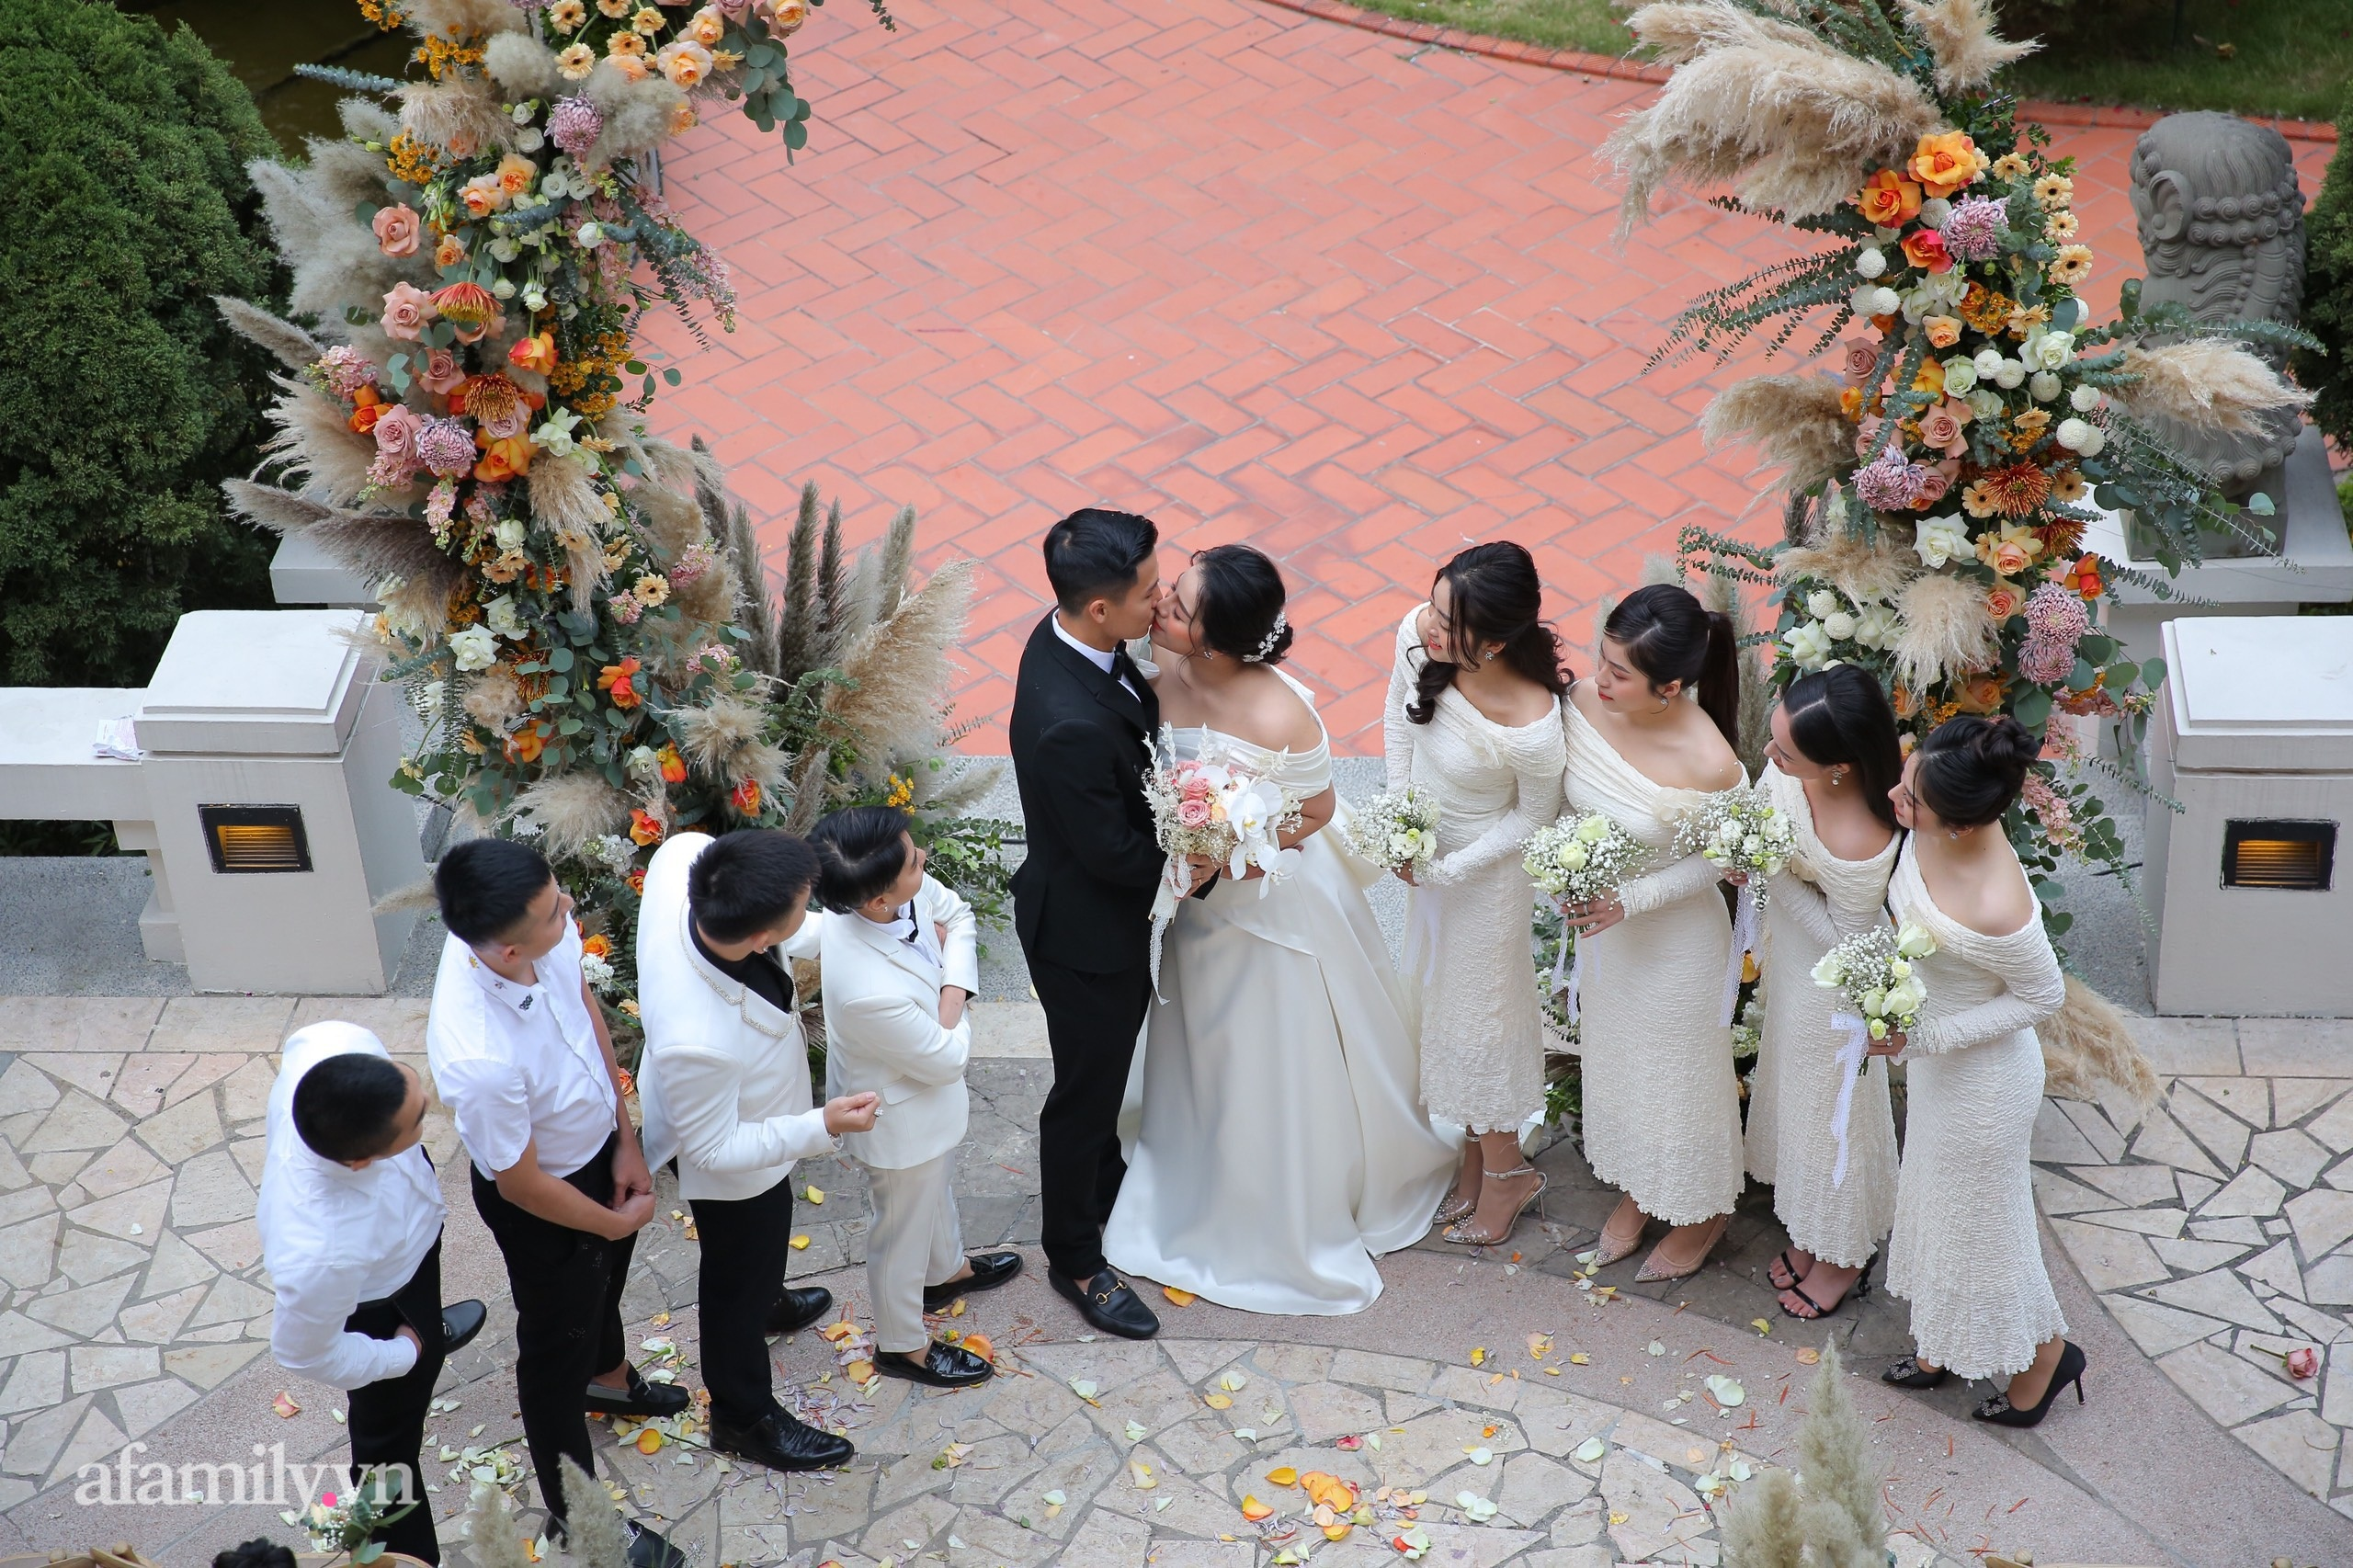 Đám cưới Bùi Tiến Dũng - Khánh Linh, cô dâu cười tươi rạng rỡ dù thời tiết Hà Nội đang rất lạnh-3